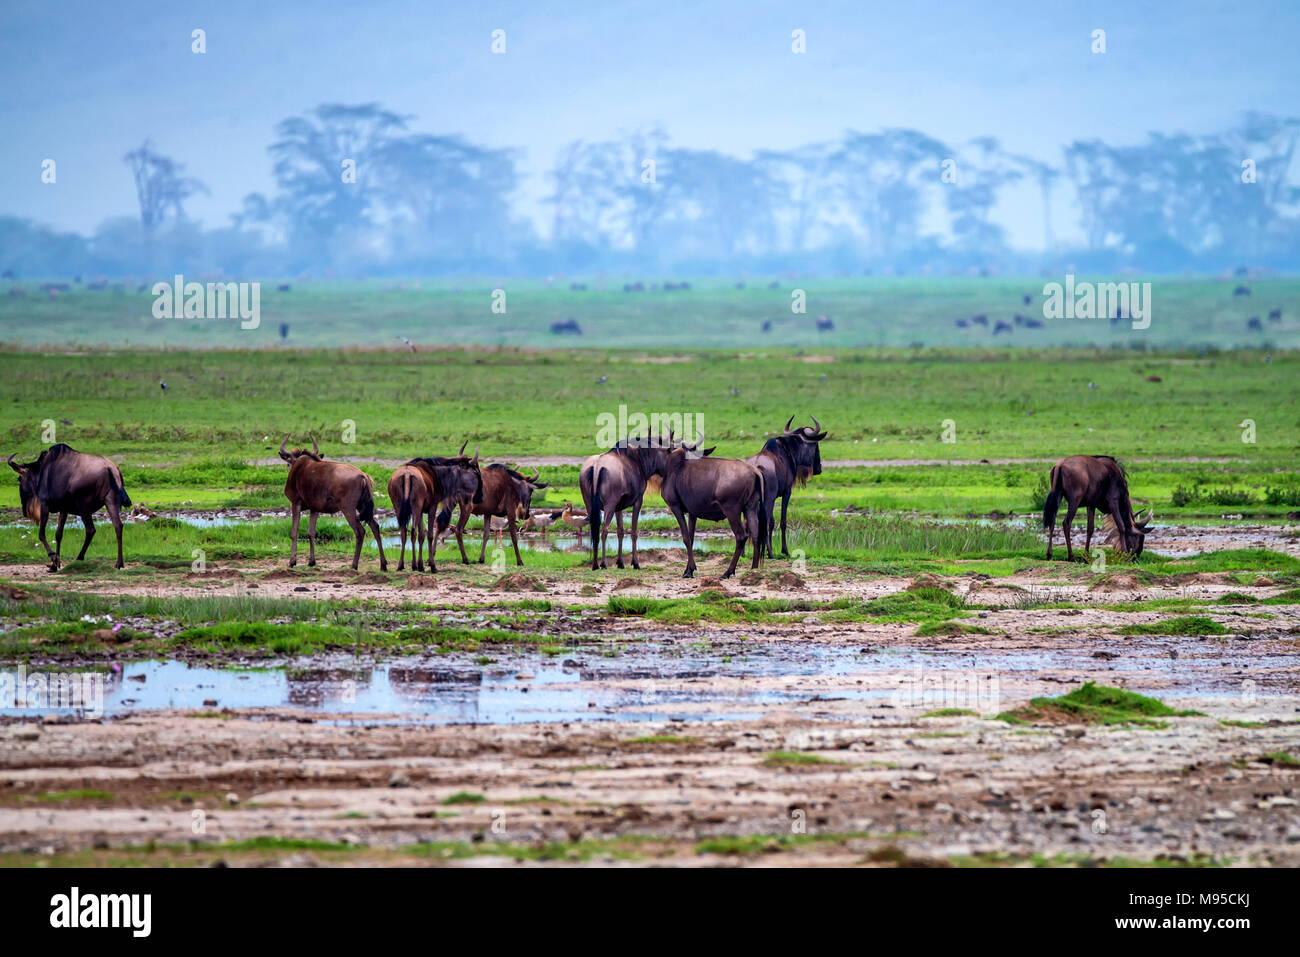 Wildebeests graze in savannah - Stock Image